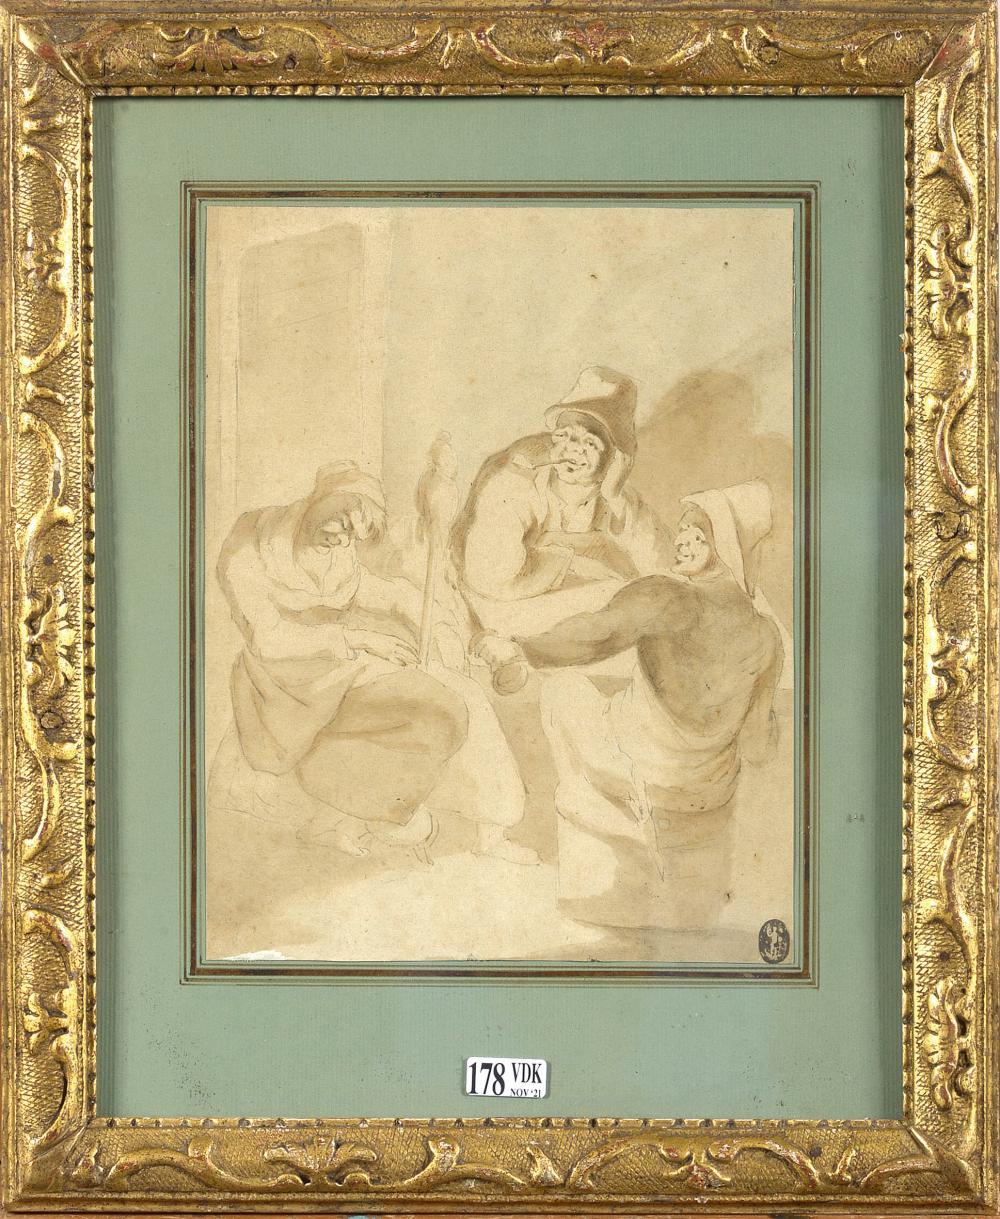 Dessins BROUWER Adriaen (1605 - 1638). Entourage de.